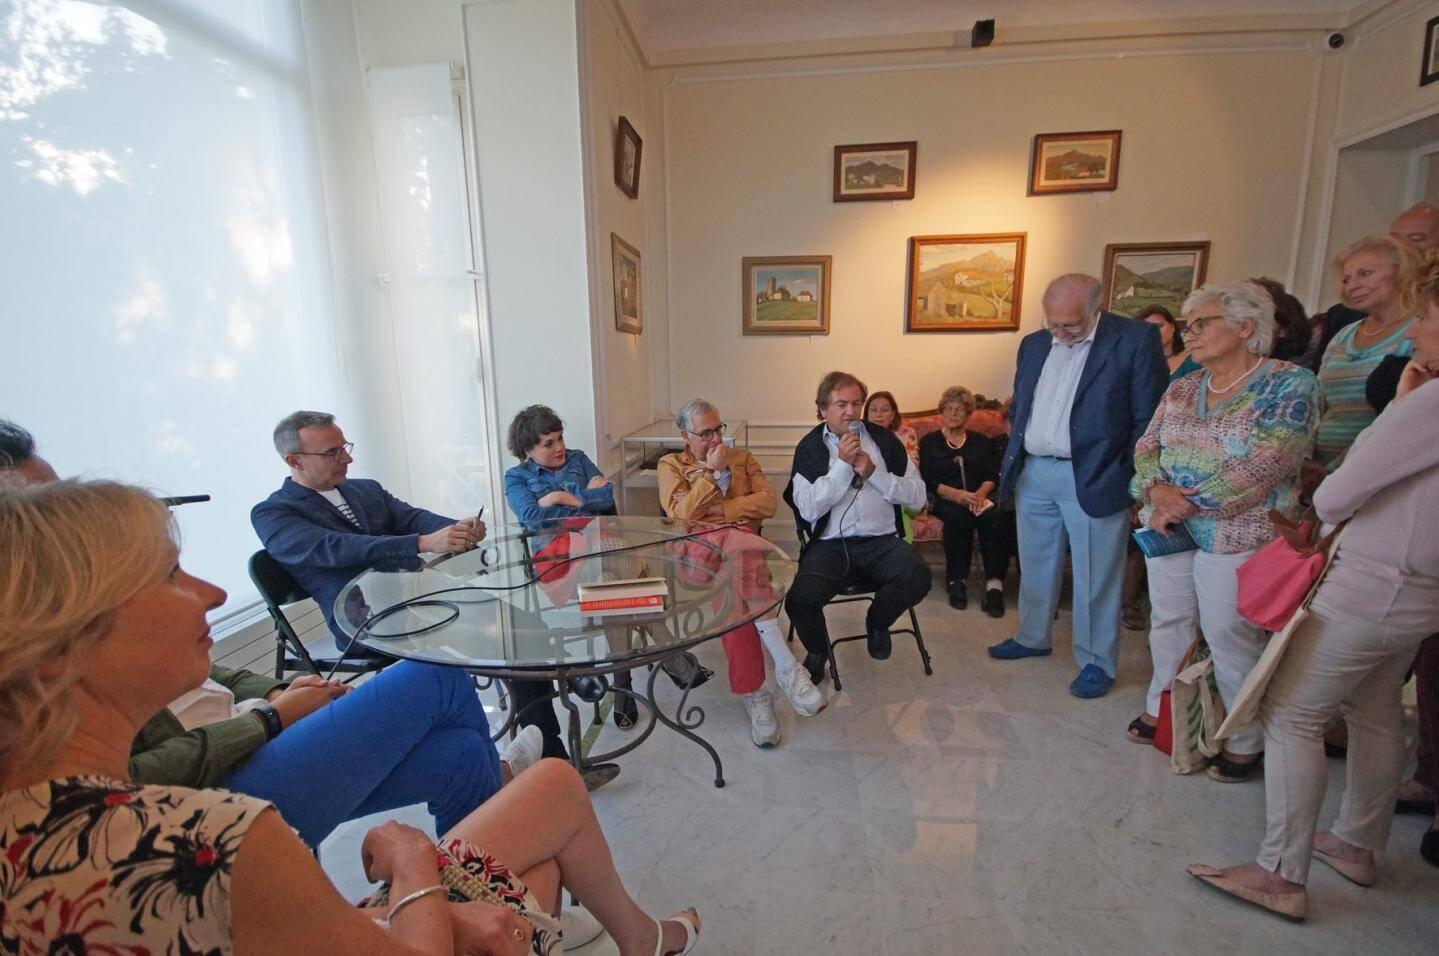 Les organisateurs de la soirée (de gauche à droite) : Hélène Bonnafous de la Villa les Camélias, Xavier Beck, maire de Cap-d'Ail, et Nathalie Iris de la librairie les Mots en Marge.